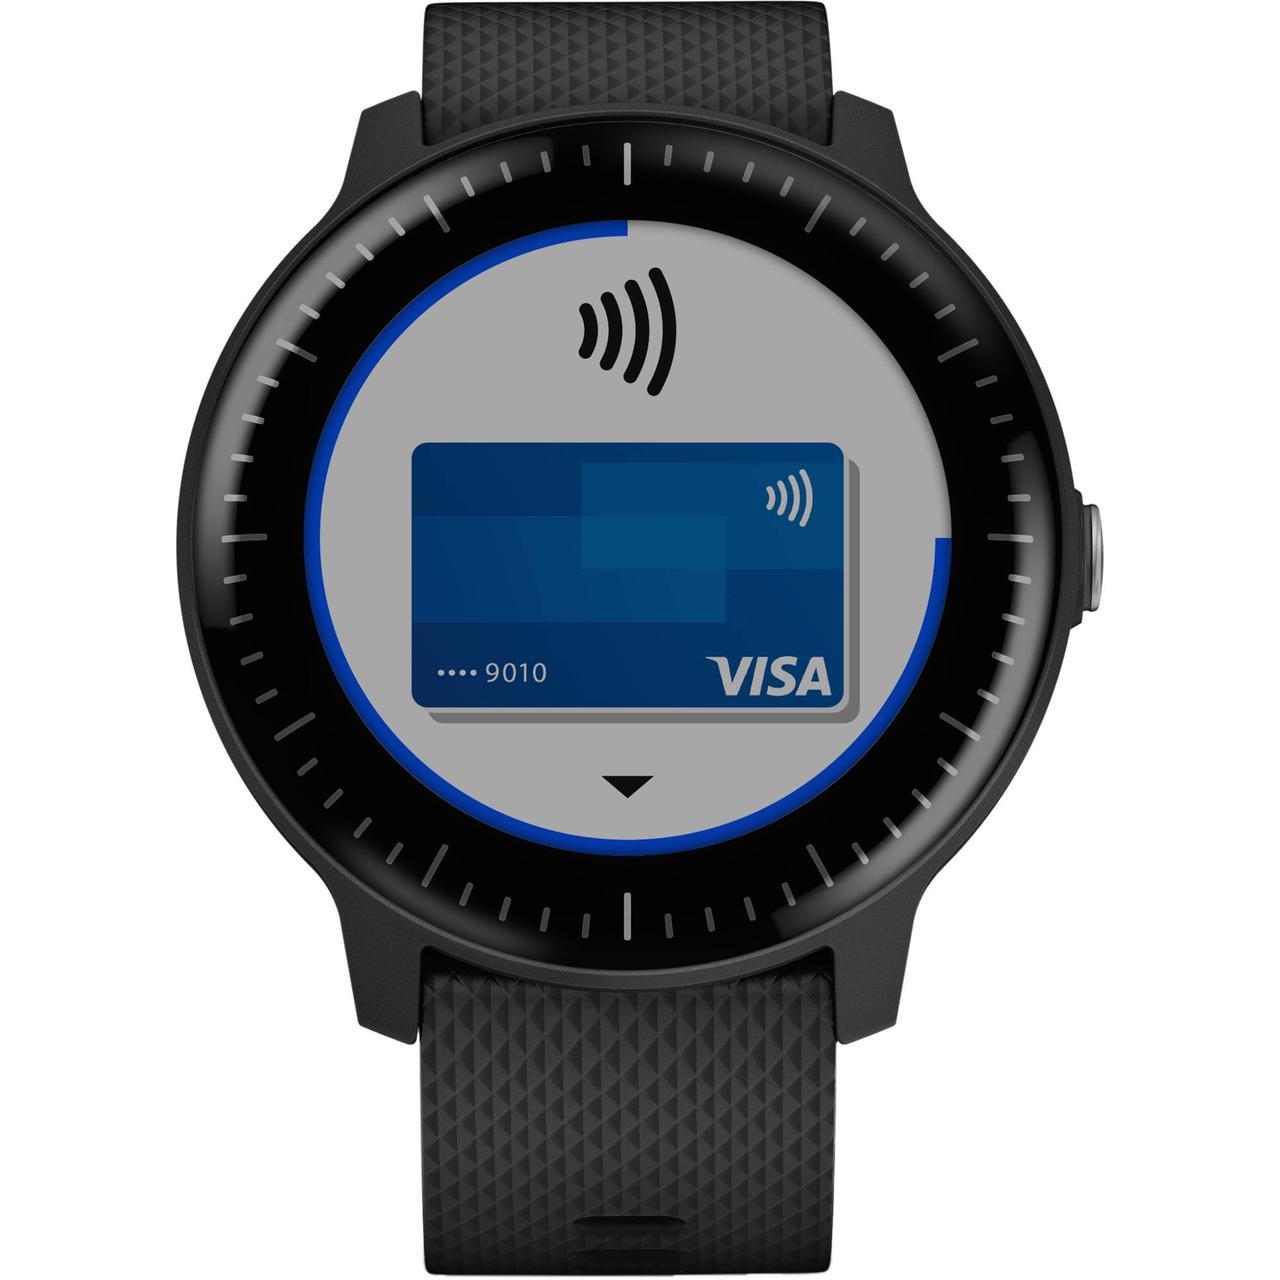 Смарт-часы Garmin Vivoactive 3 Music черный